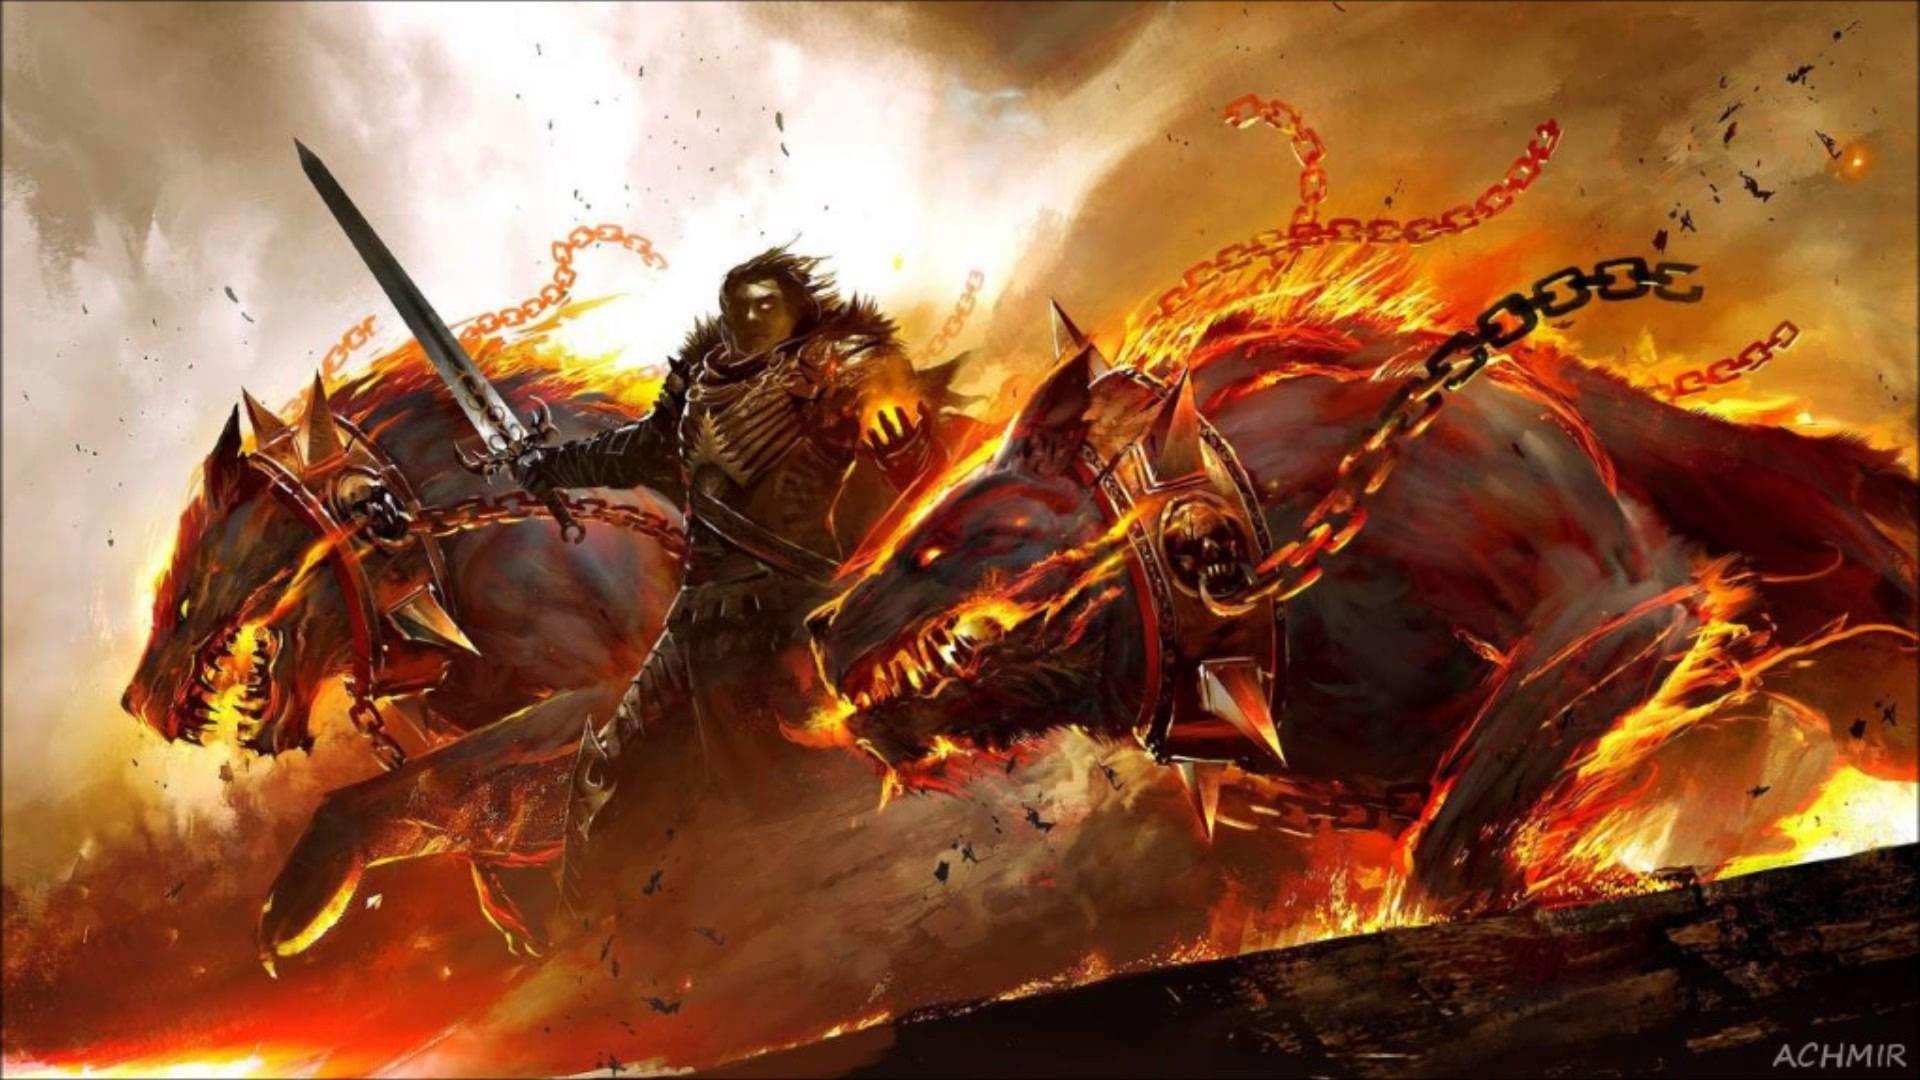 Epic Battle Wallpaper (68+ images)